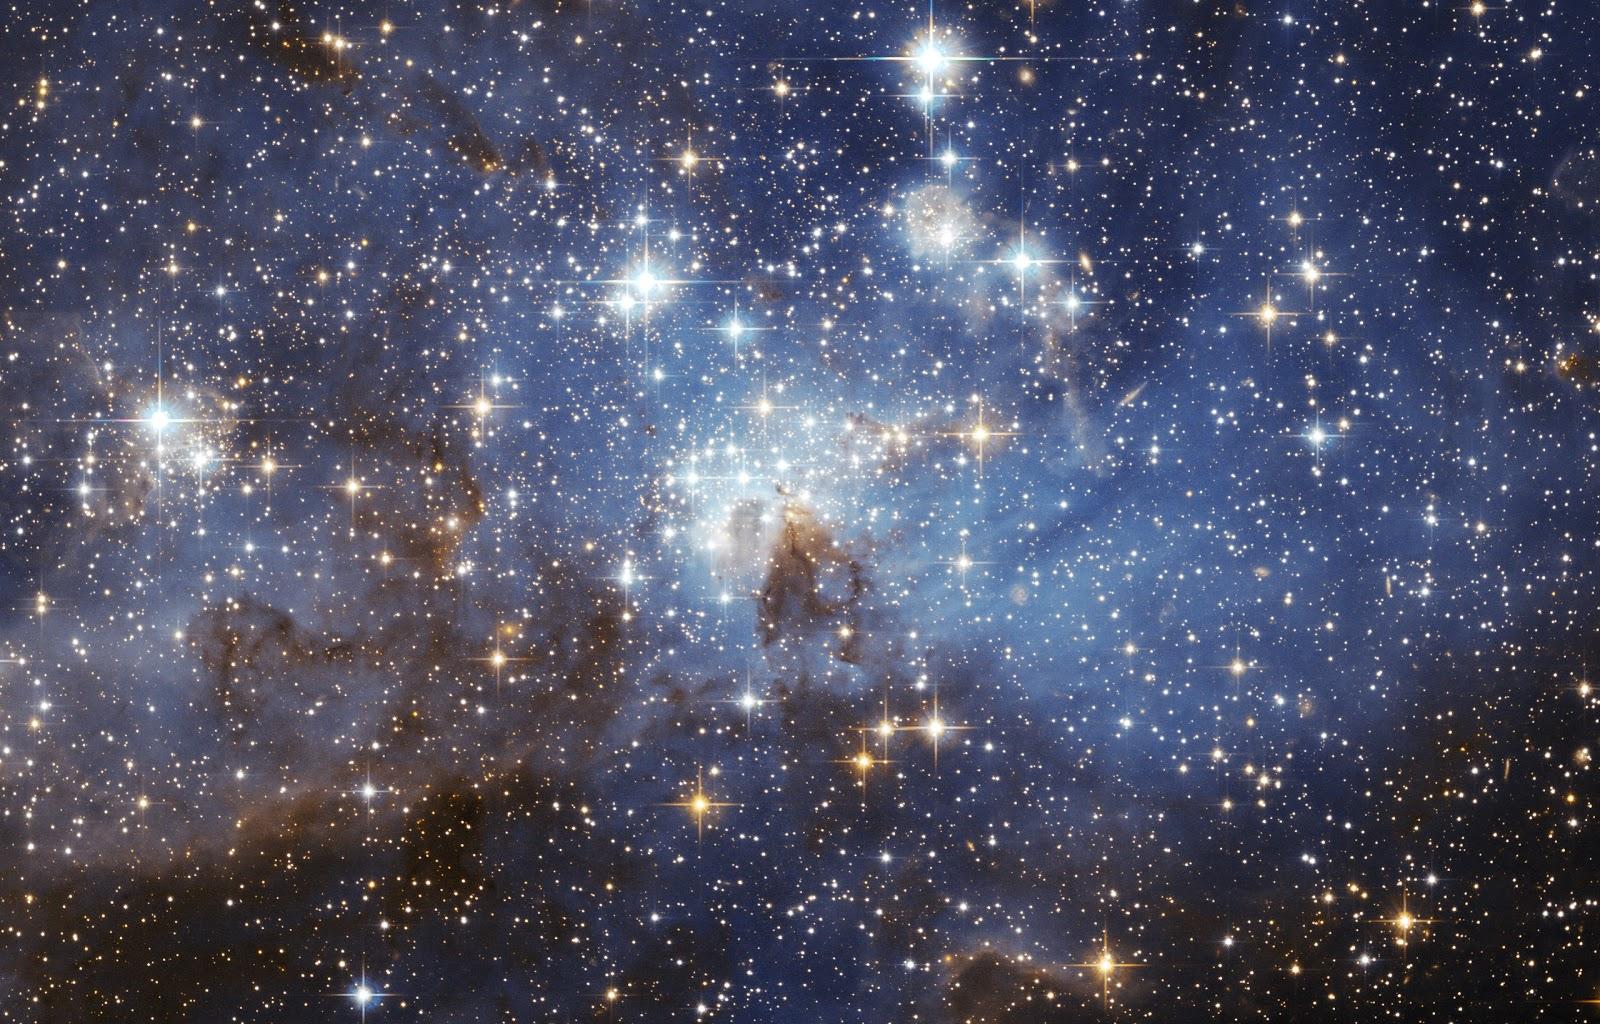 Quieren sacar a la luz, la energía oscura del Universo : Blog de Emilio  Silvera V.